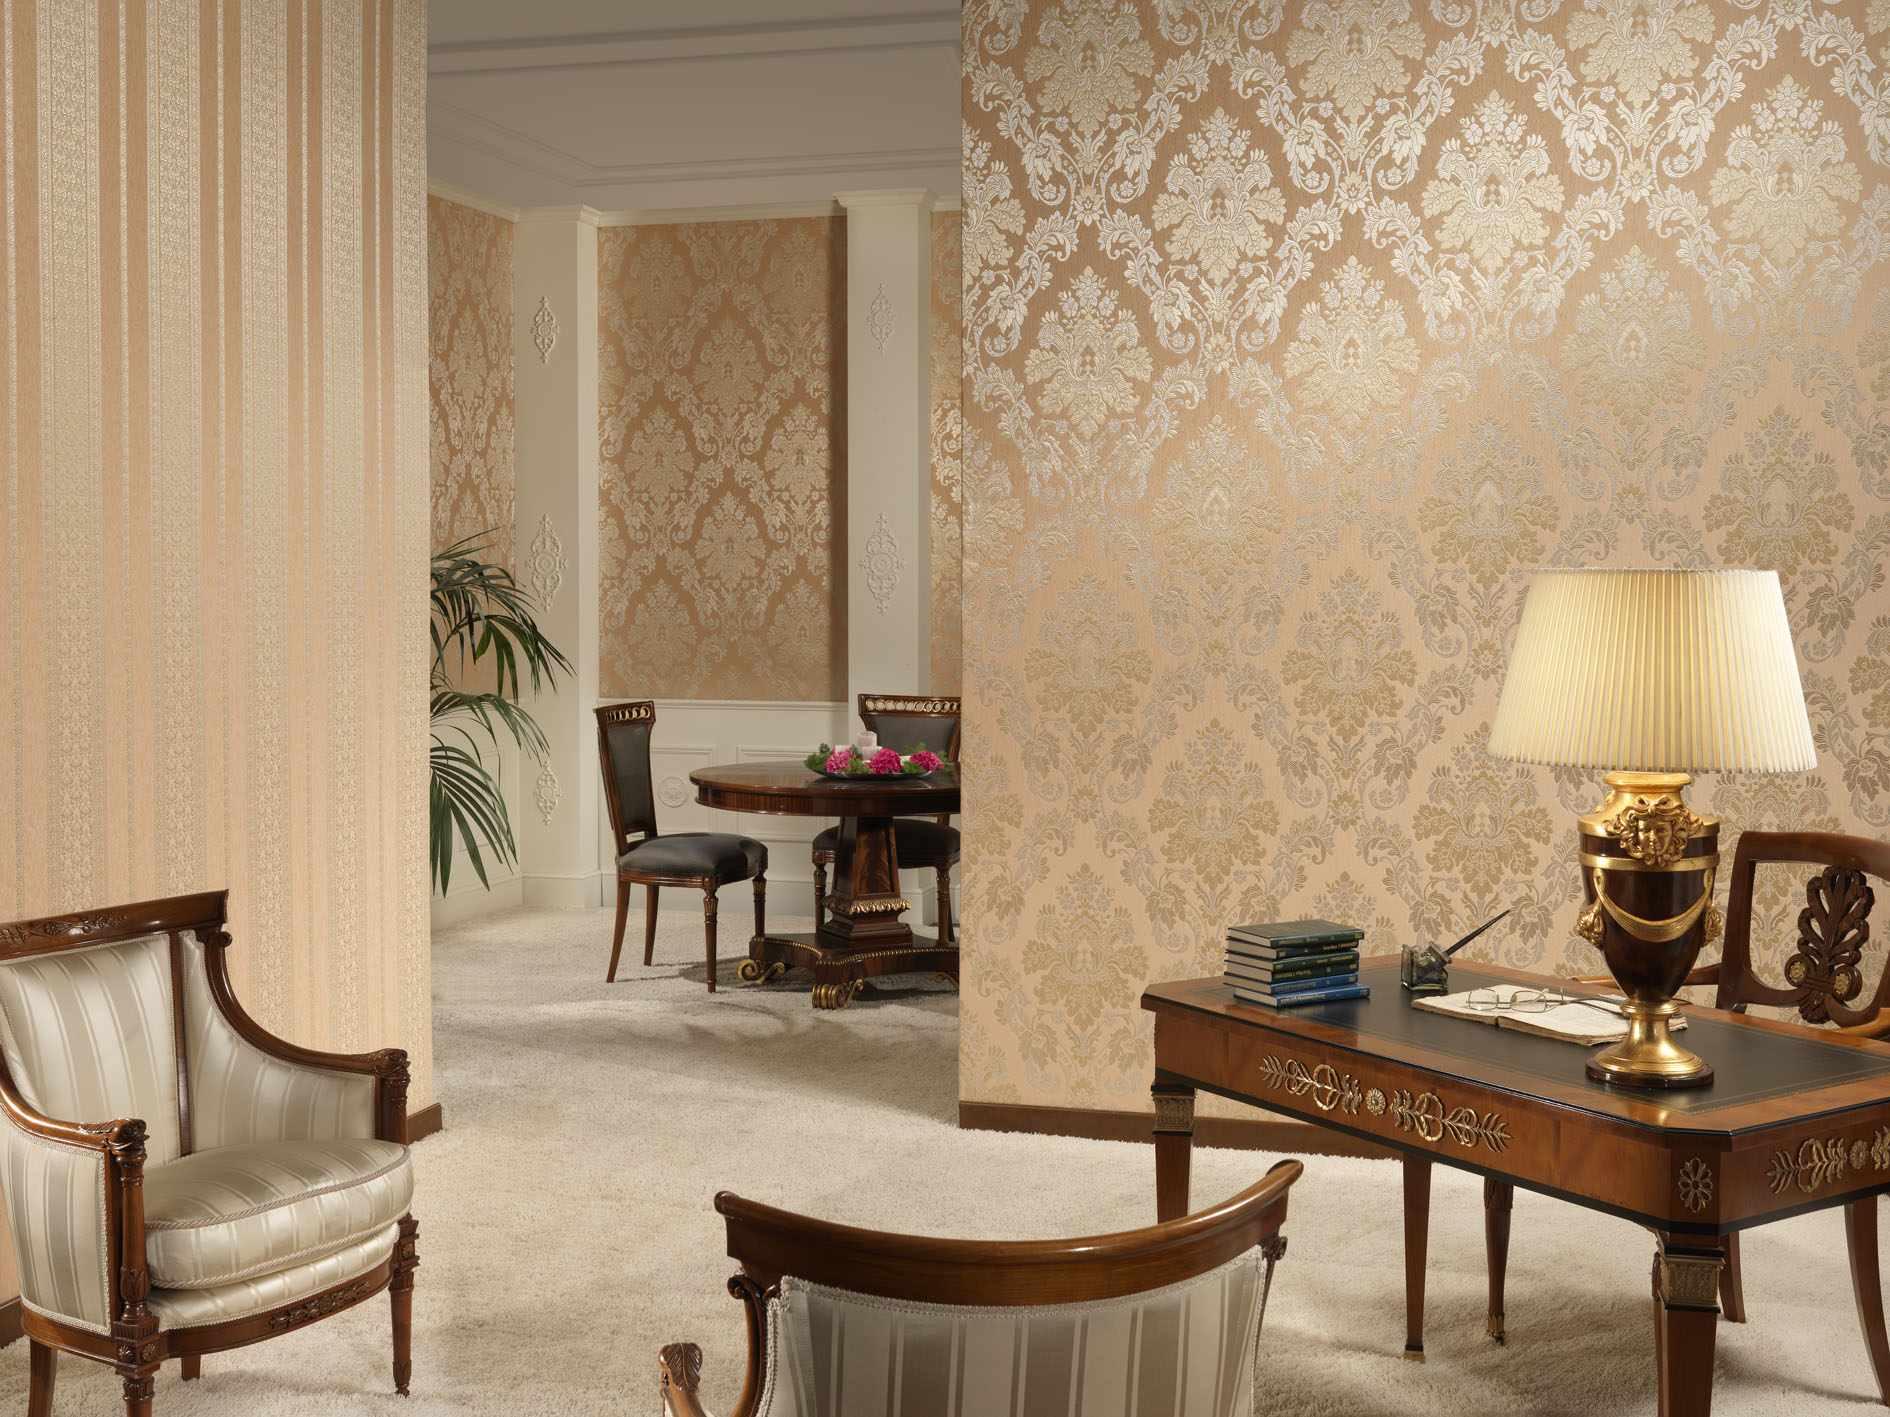 ý tưởng trang trí giấy dán tường đẹp cho phòng khách